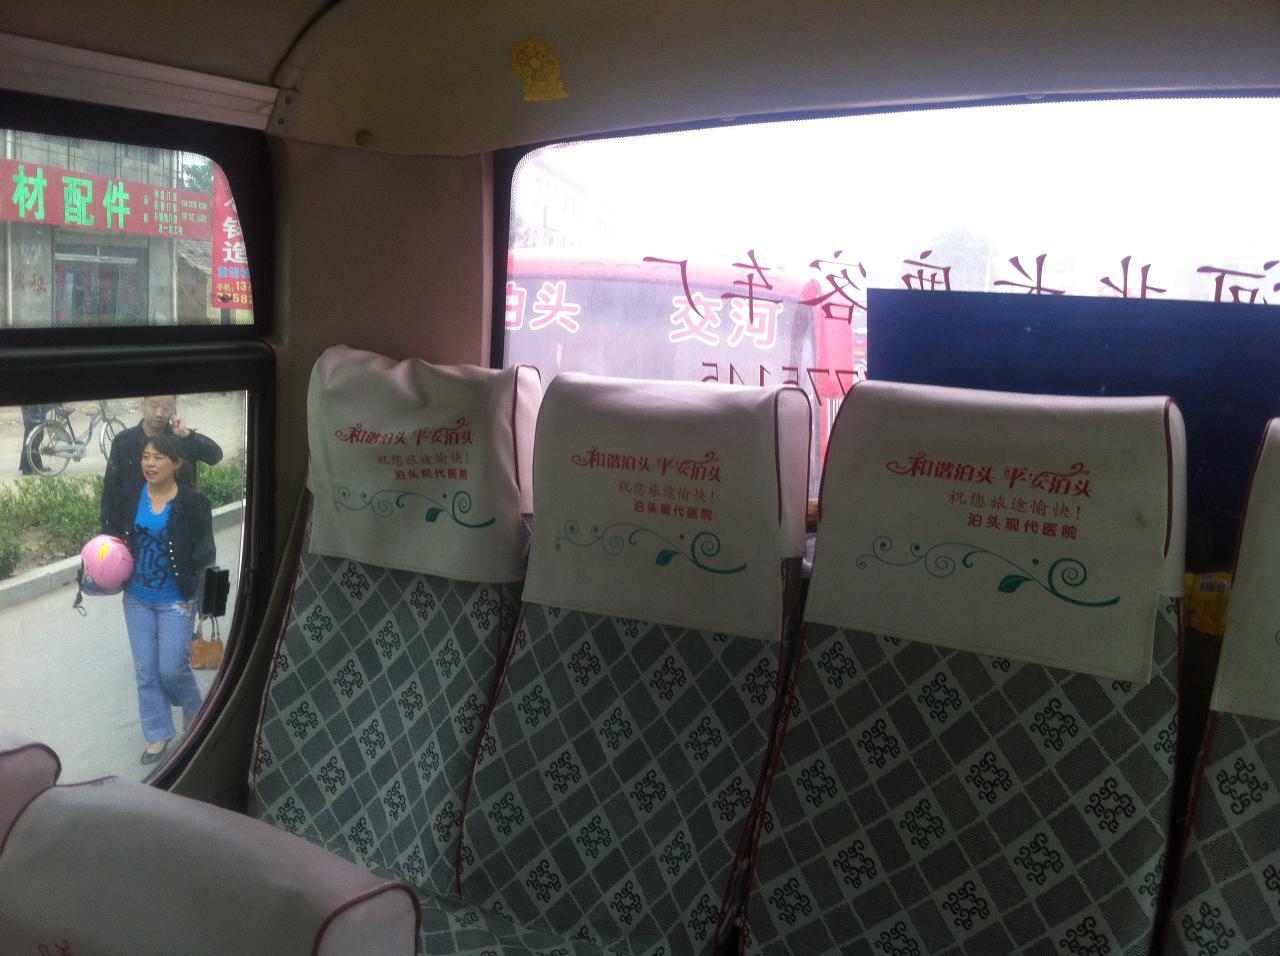 泊(bo)頭通交河富鎮(zhen)的兩(liang)車掐起來了